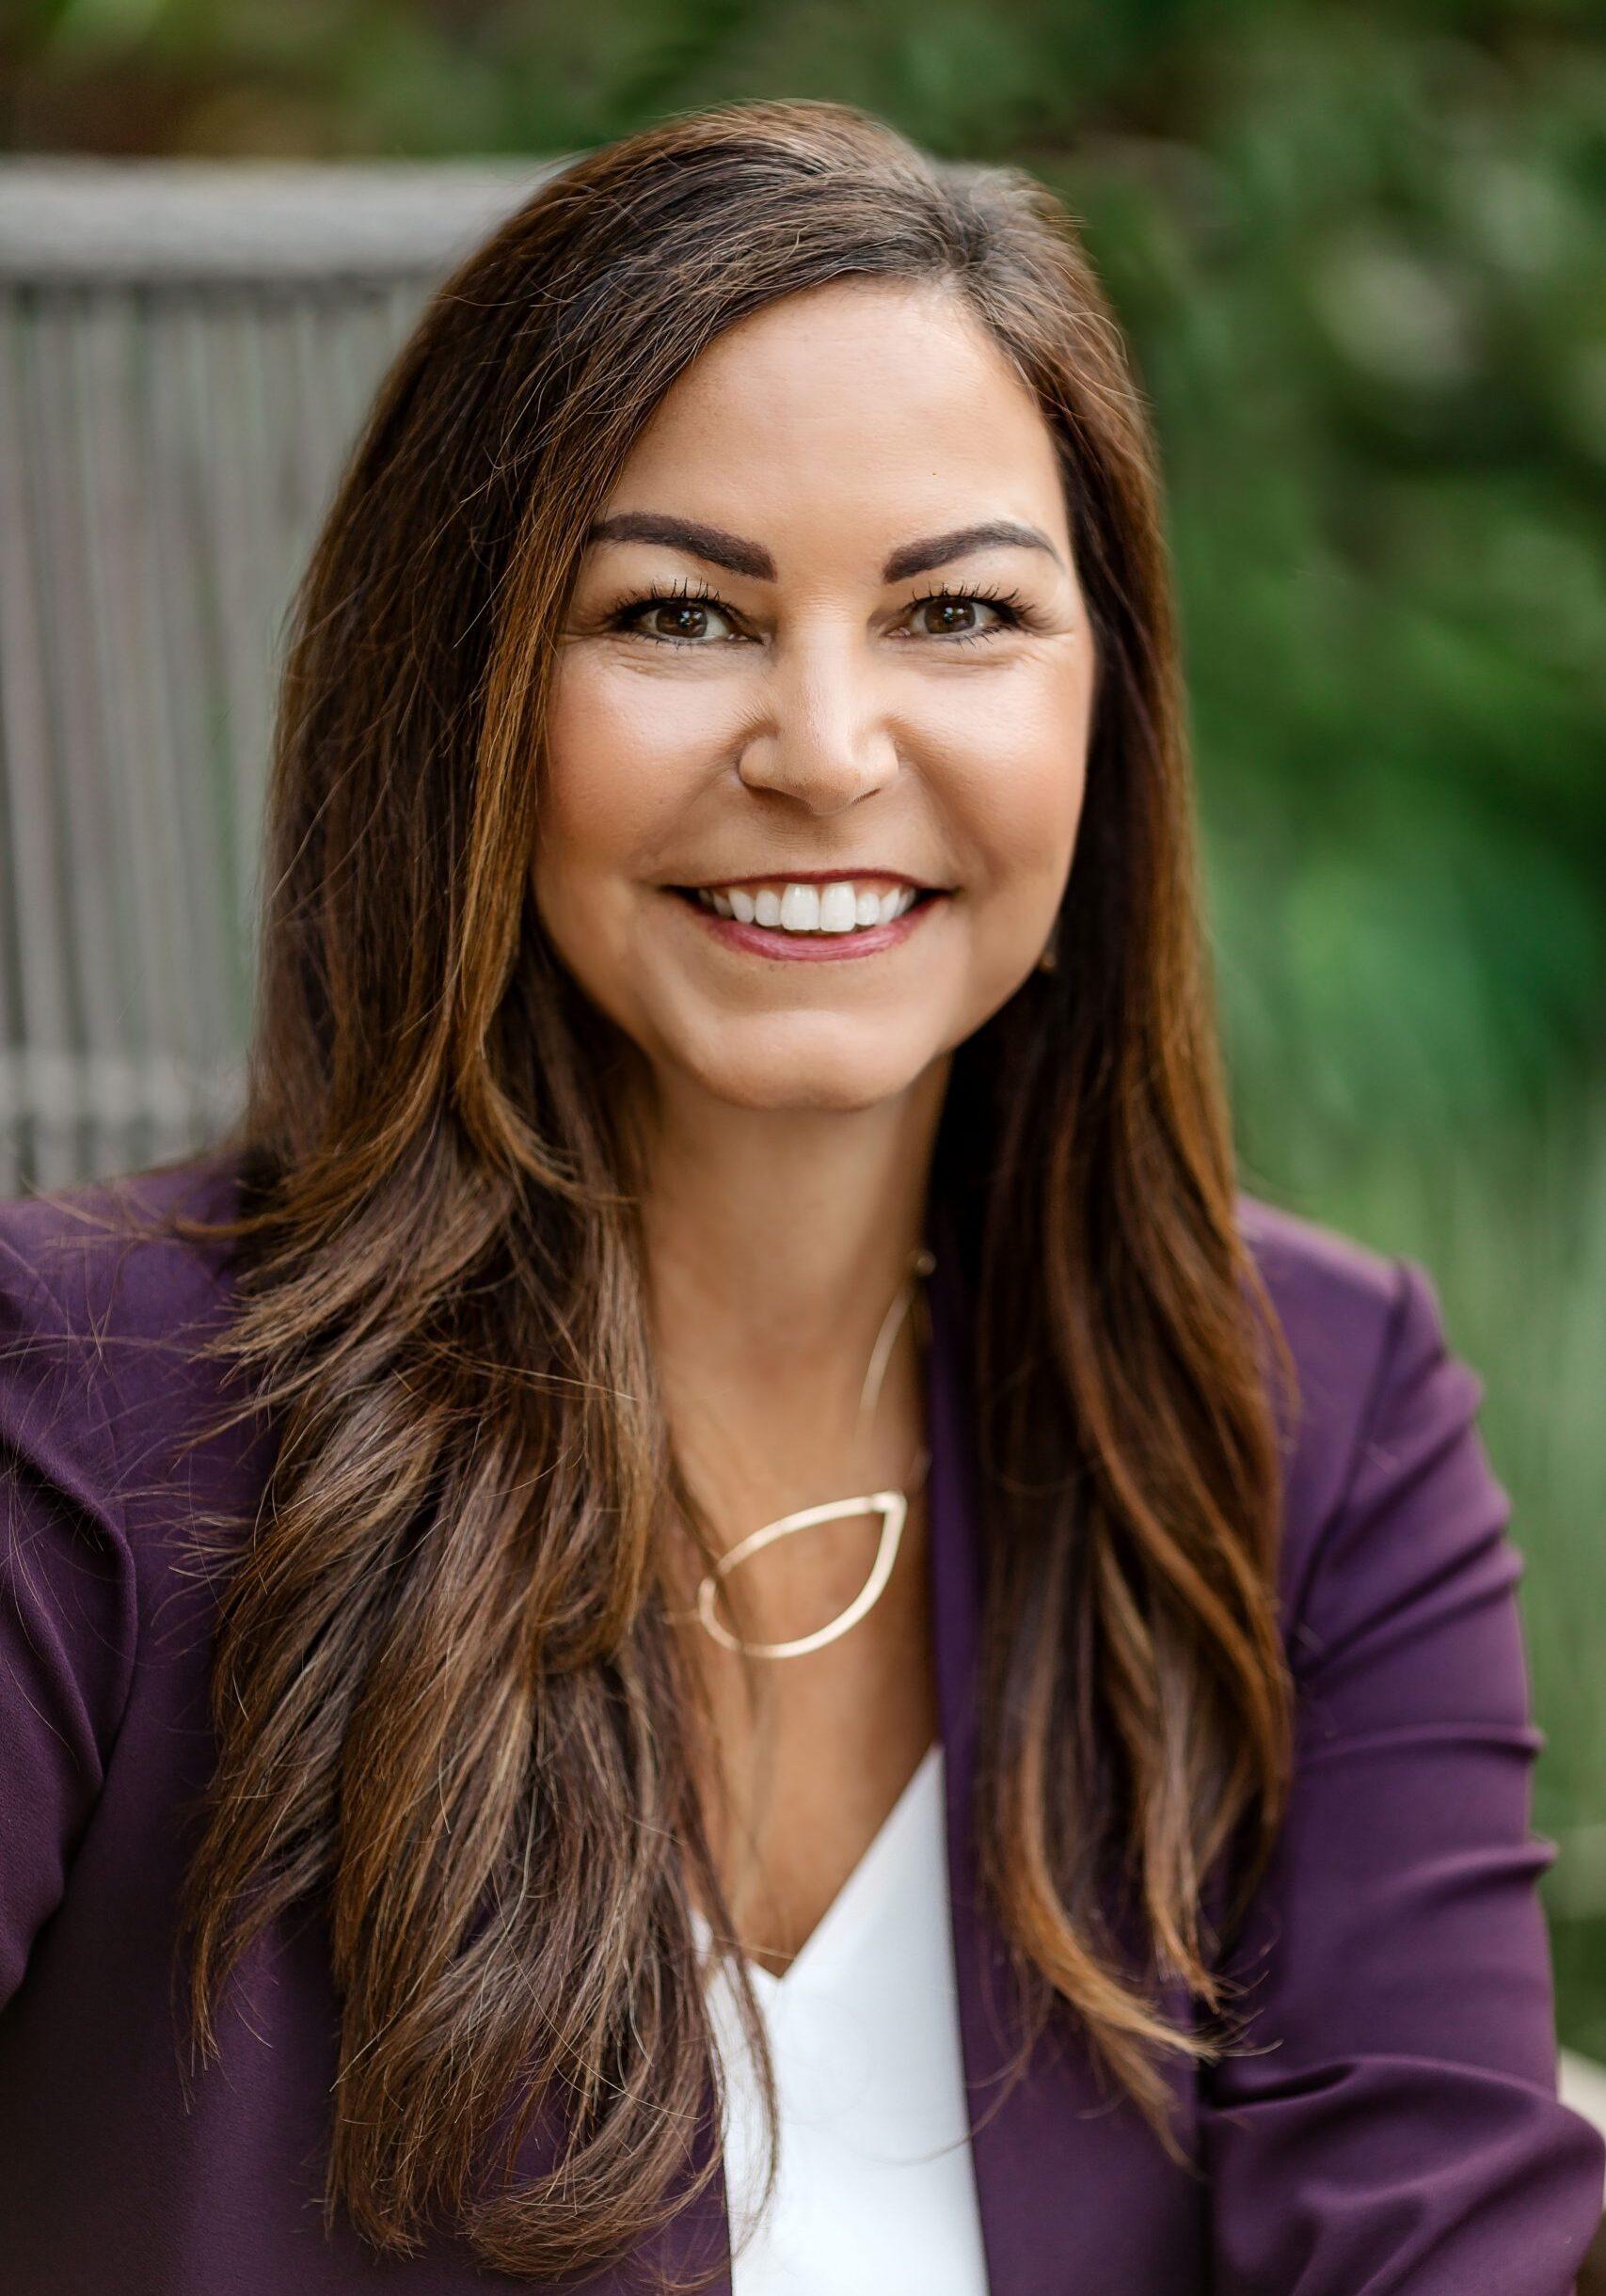 Angela Aronica